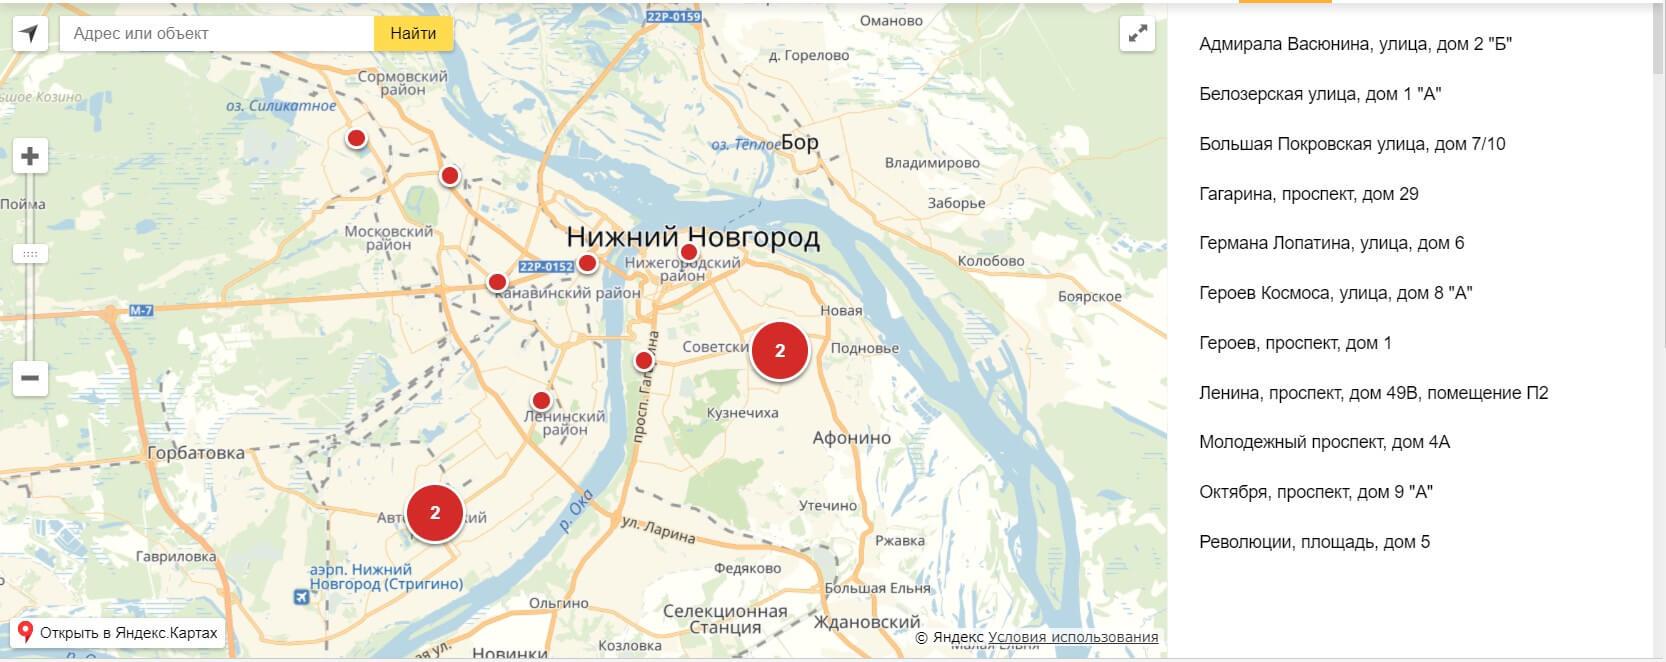 Карта ППС Fonbet ru